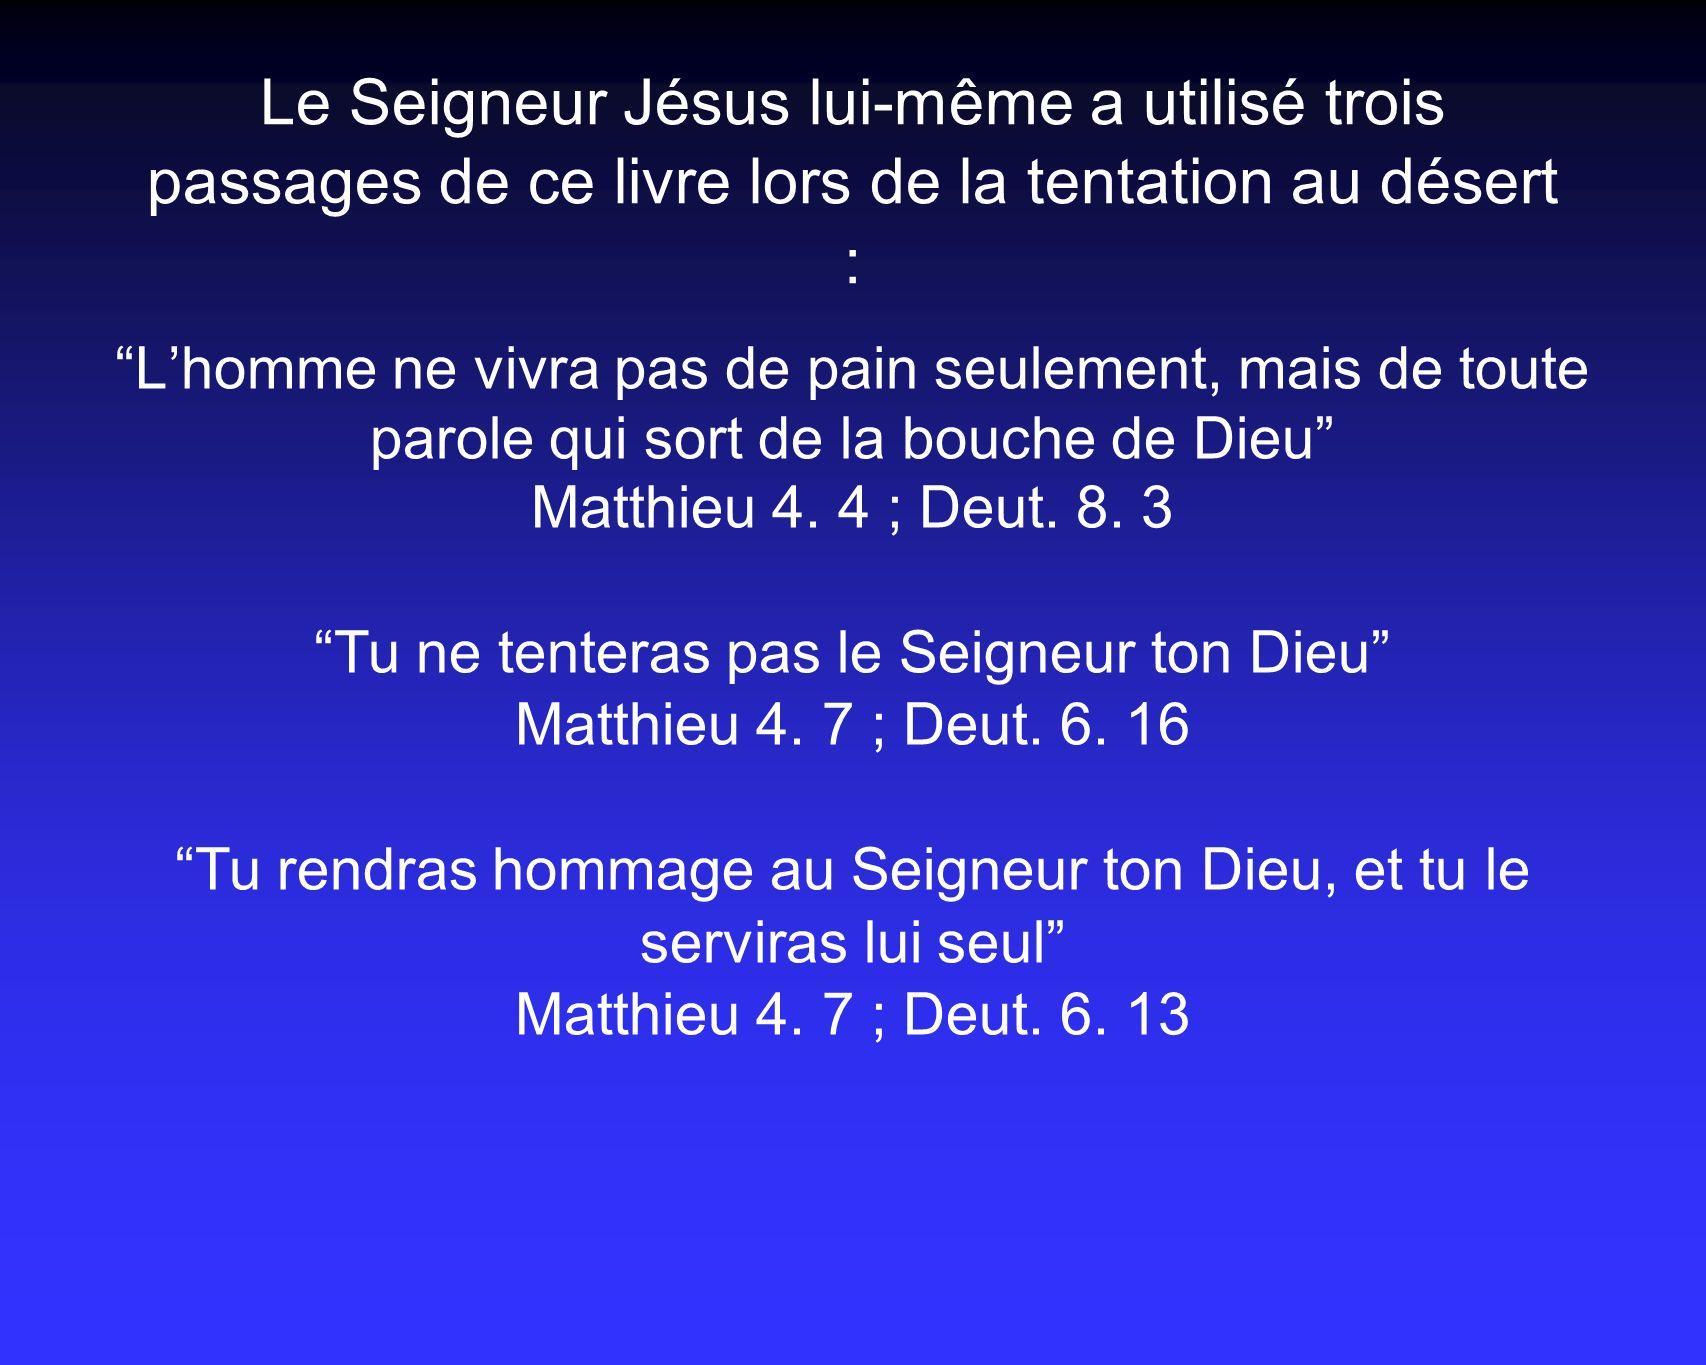 Le Seigneur Jésus lui-même a utilisé trois passages de ce livre lors de la tentation au désert : Lhomme ne vivra pas de pain seulement, mais de toute